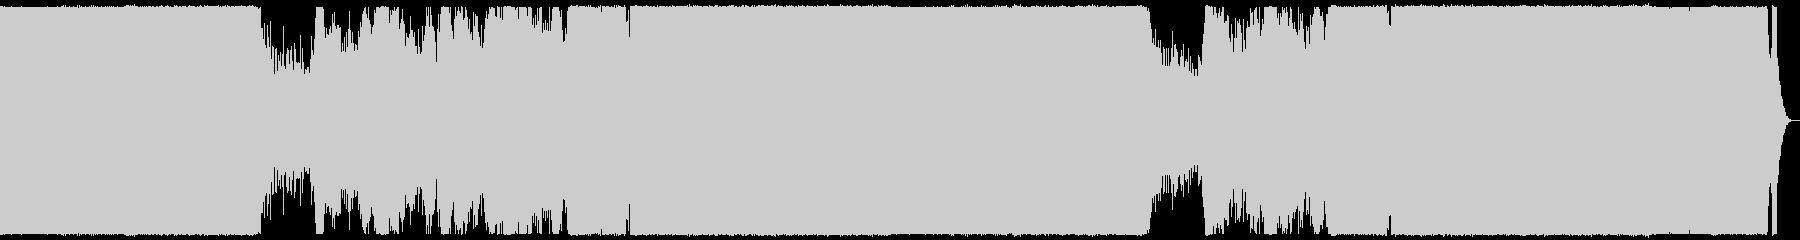 雄大で華やかなプログレッシブハウス。の未再生の波形